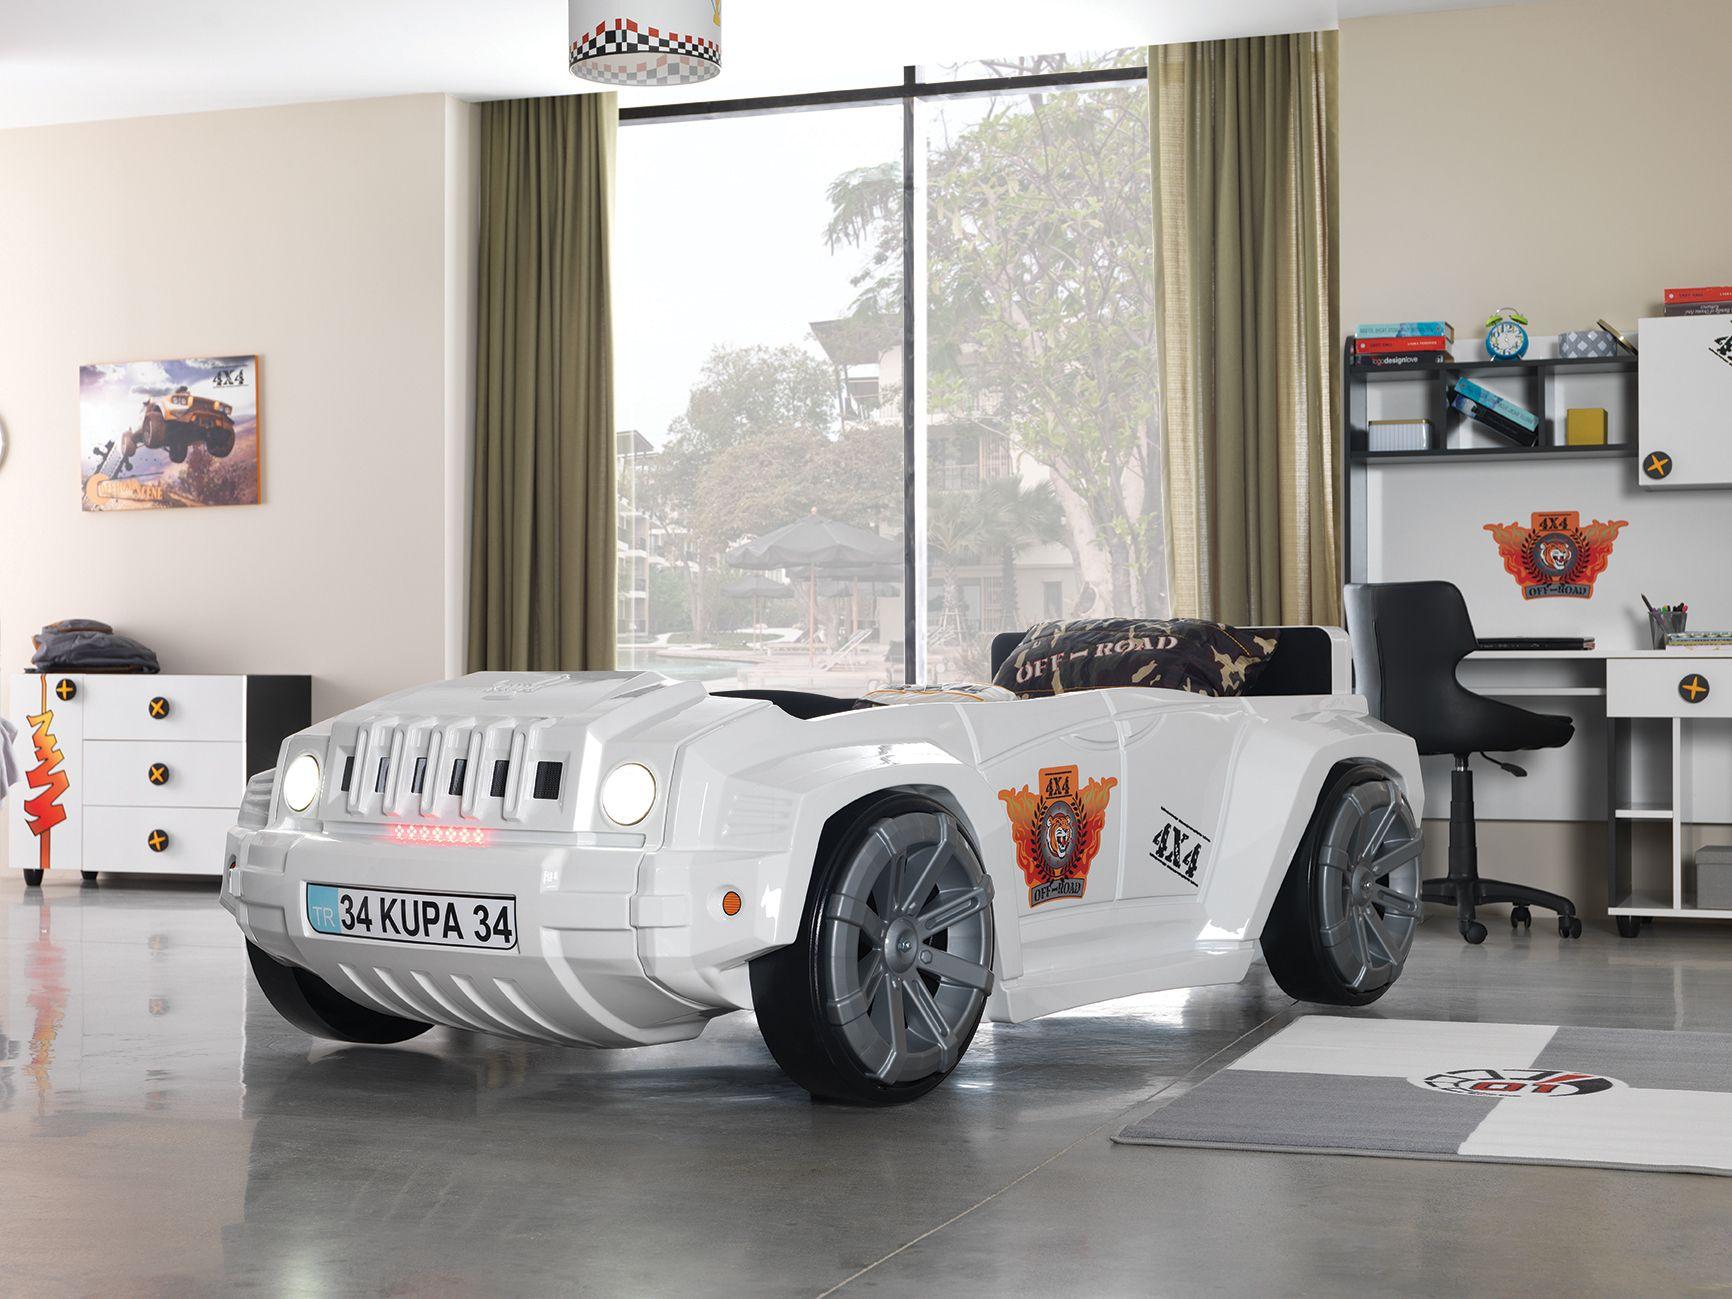 Full Size of Kinderbett Poco Autobett Jeep Fr Jungs 2020 01 14 Bett 140x200 Big Sofa Küche Betten Schlafzimmer Komplett Wohnzimmer Kinderbett Poco